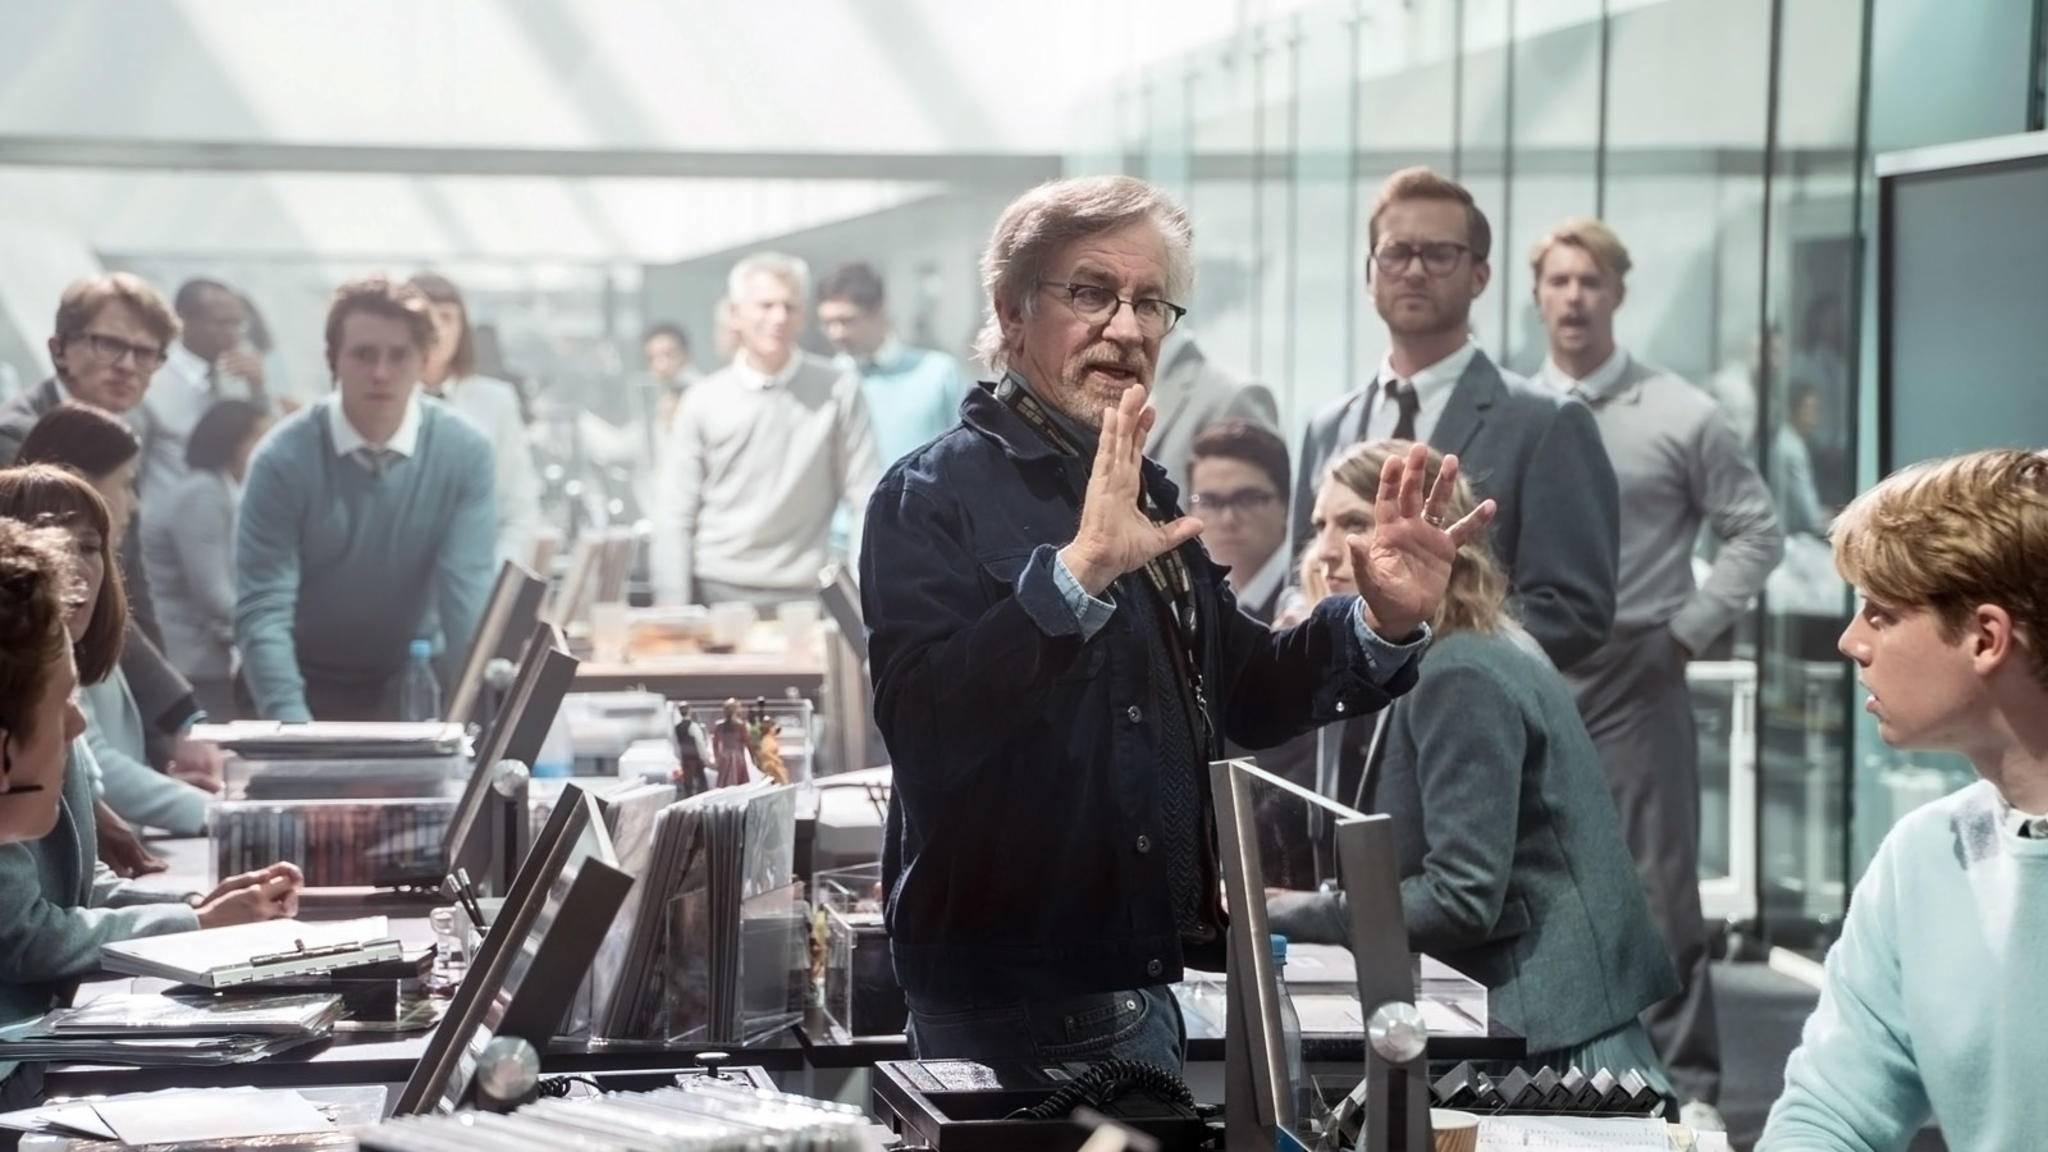 Visionär und Geschichtenerzähler: Regisseur Steven Spielberg in seinem Element.